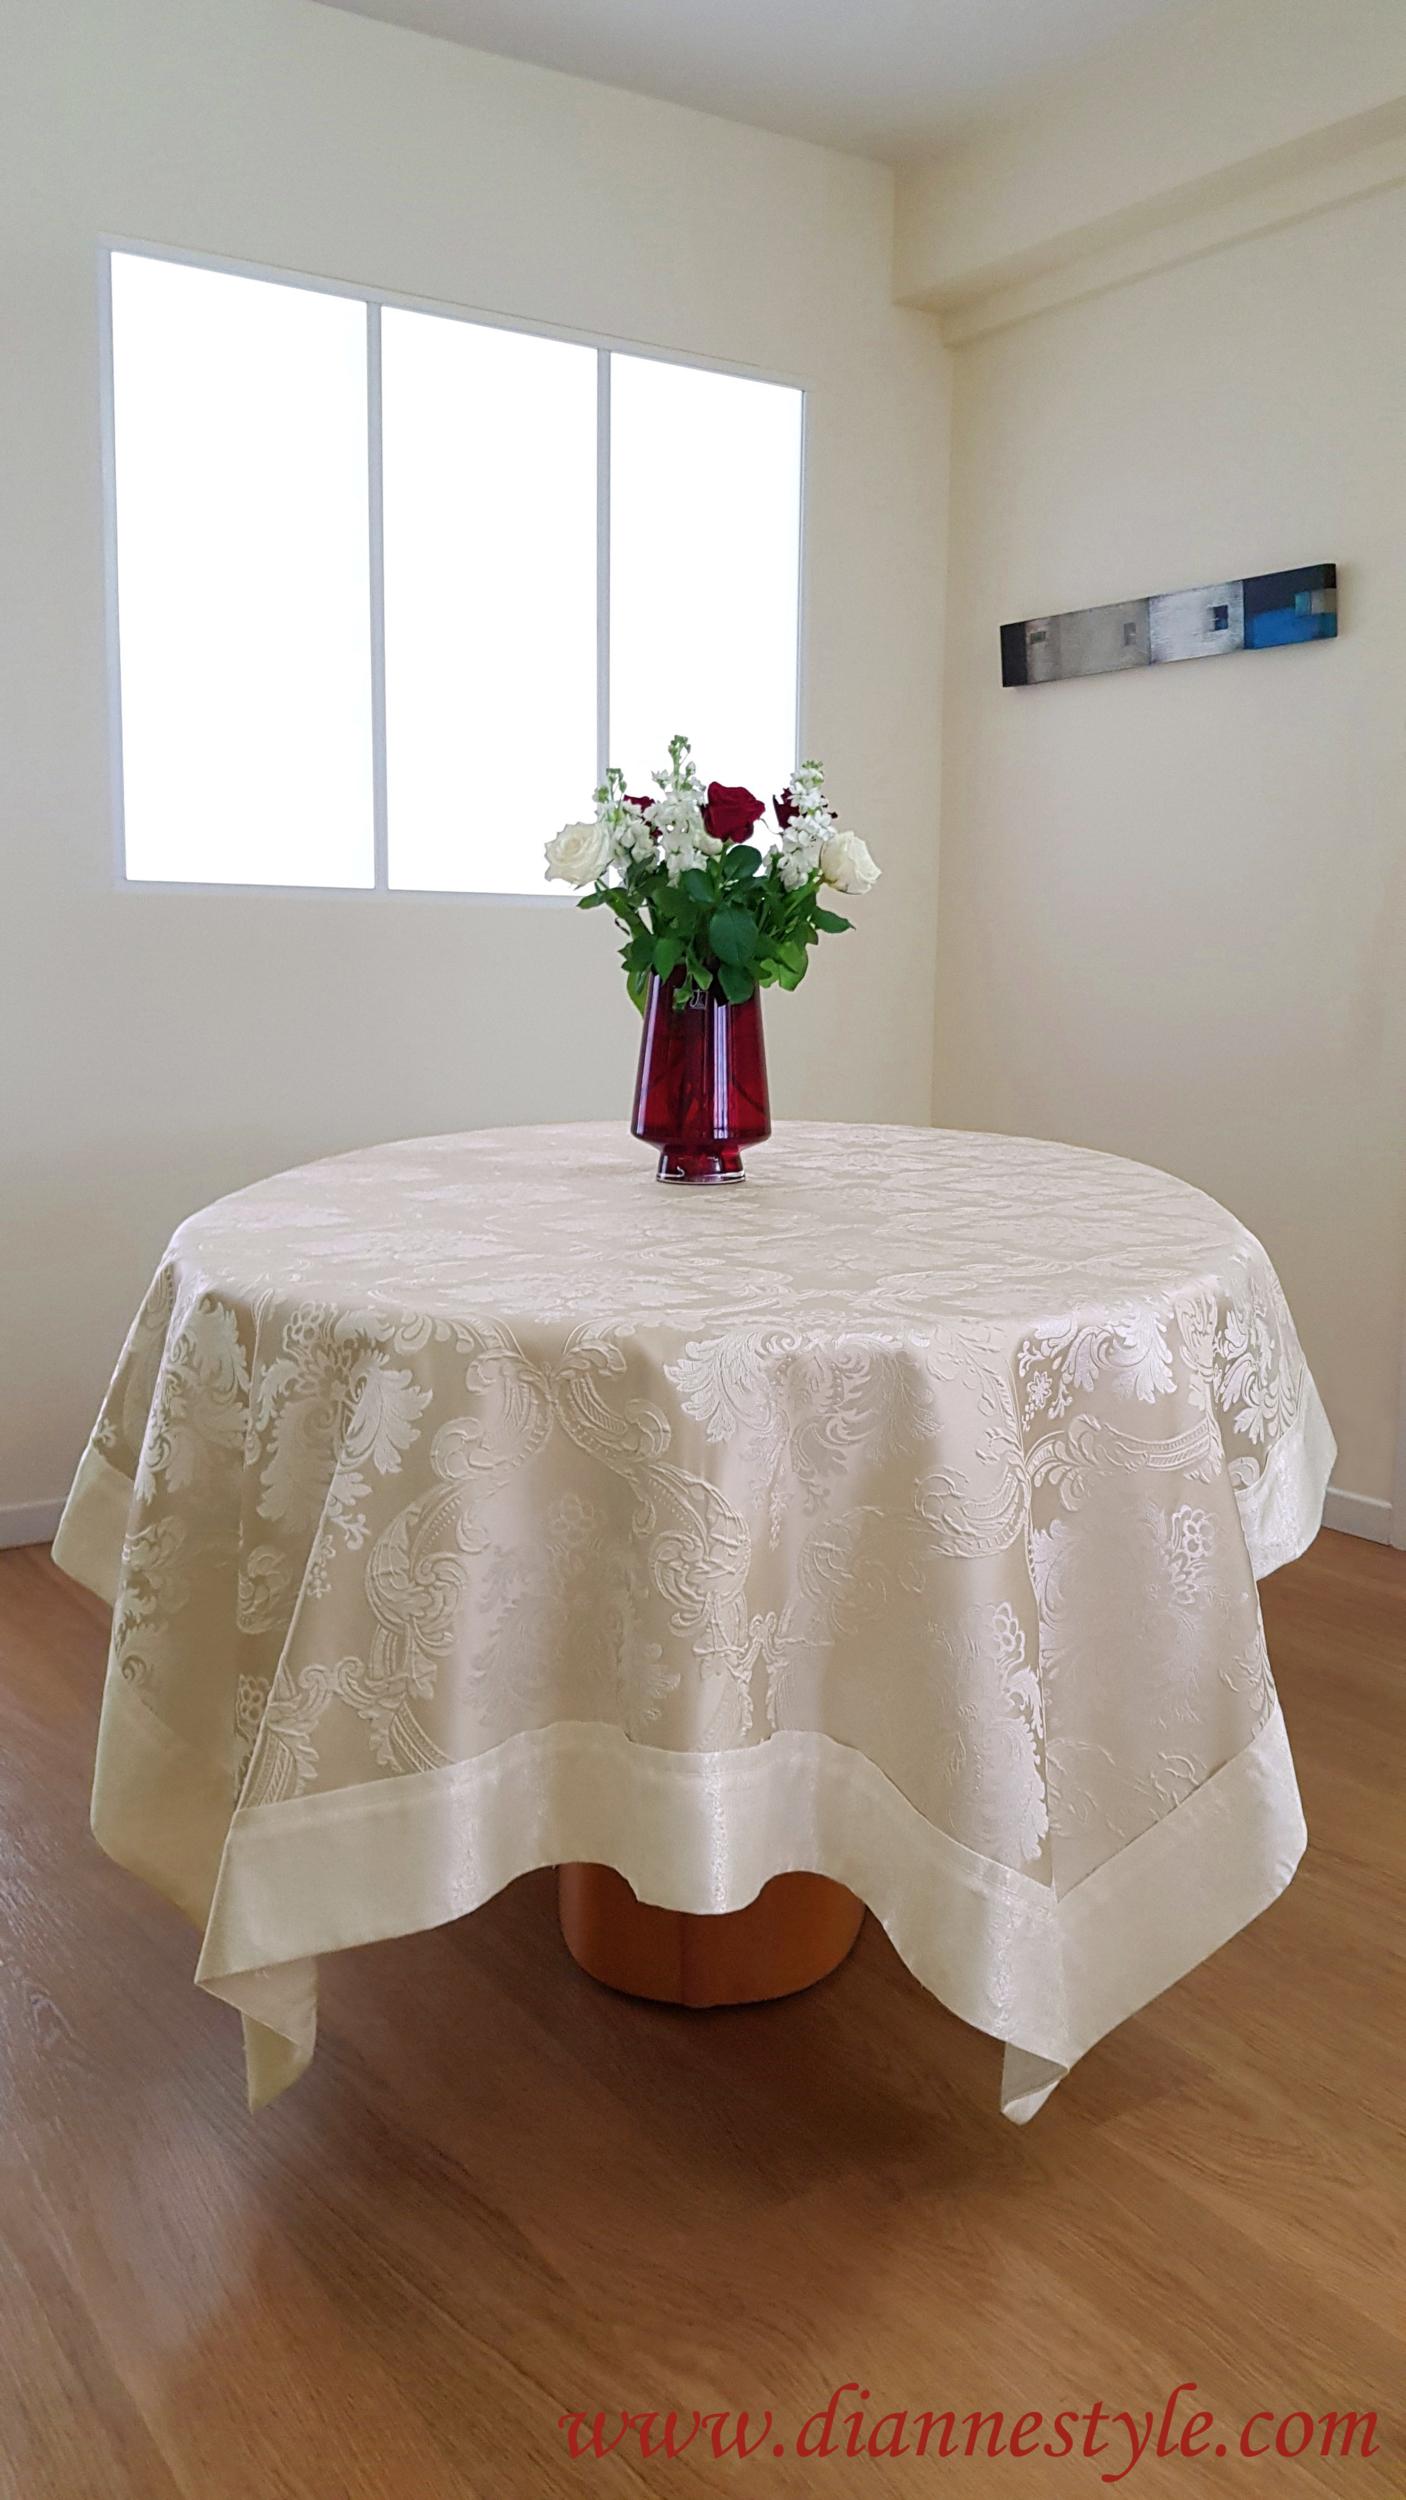 Nappe de table damassée beige Prestige 150x200 cm. Réf. 129